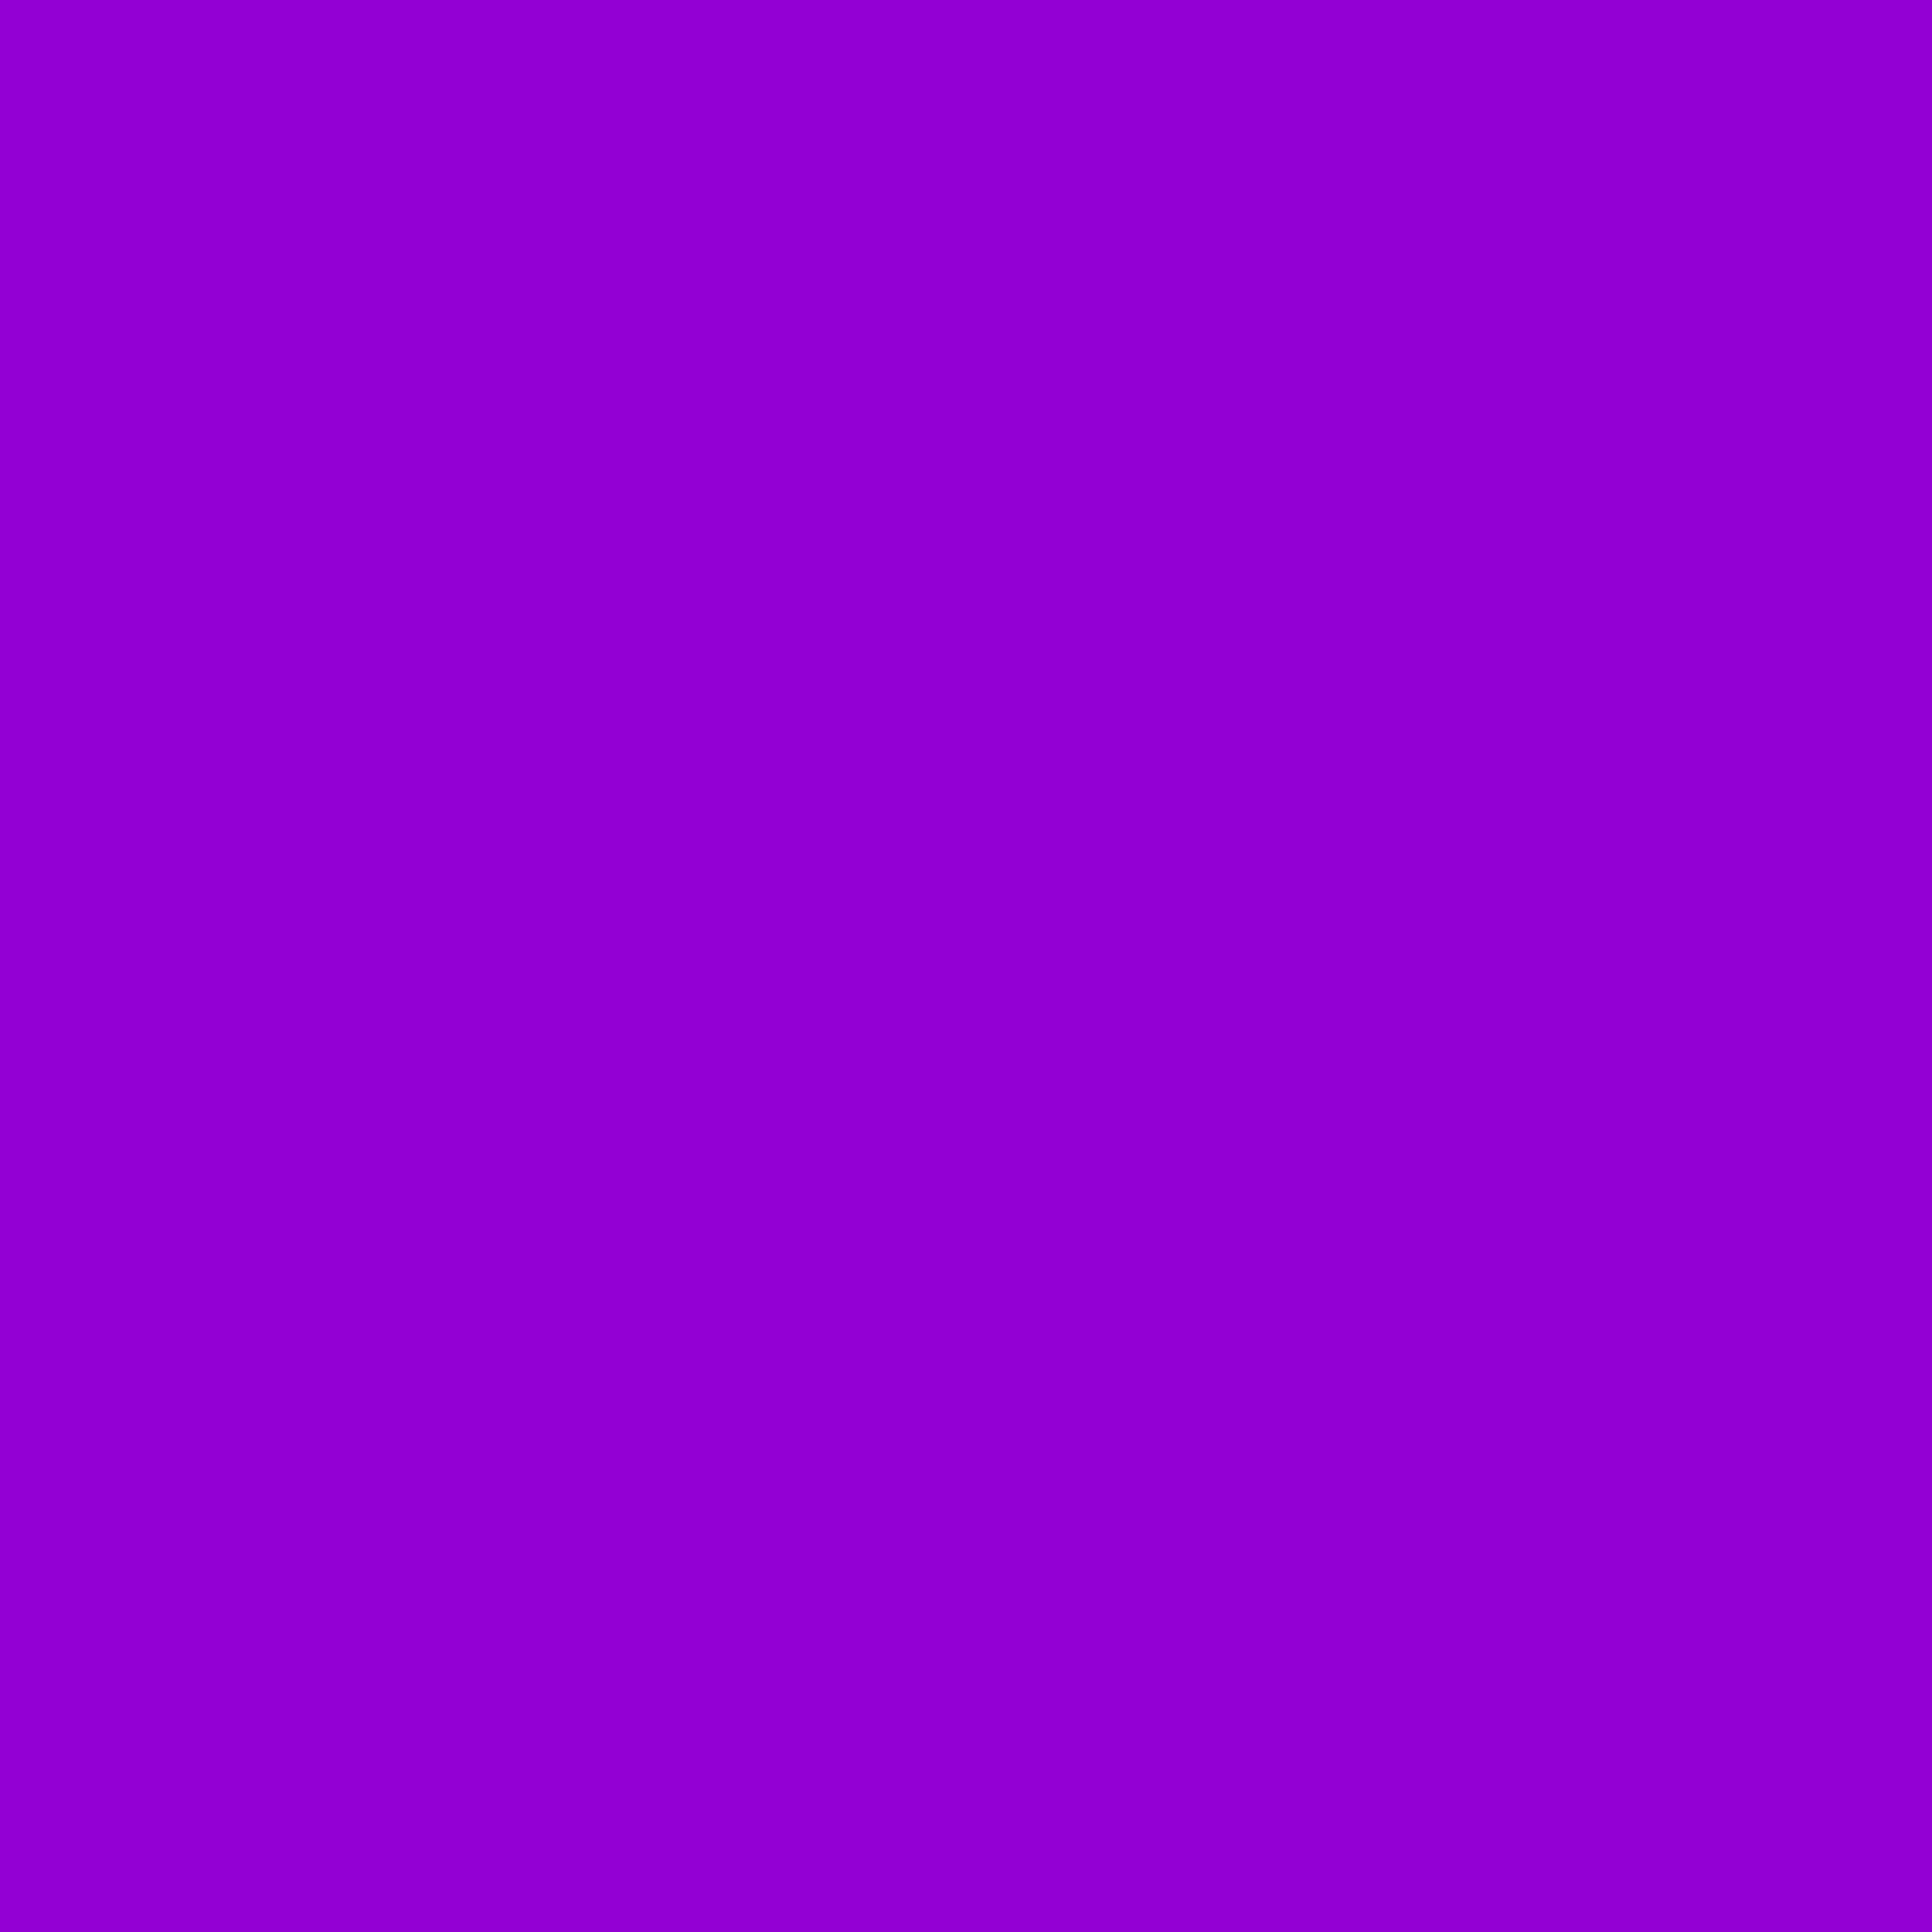 3600x3600 Dark Violet Solid Color Background 3600x3600